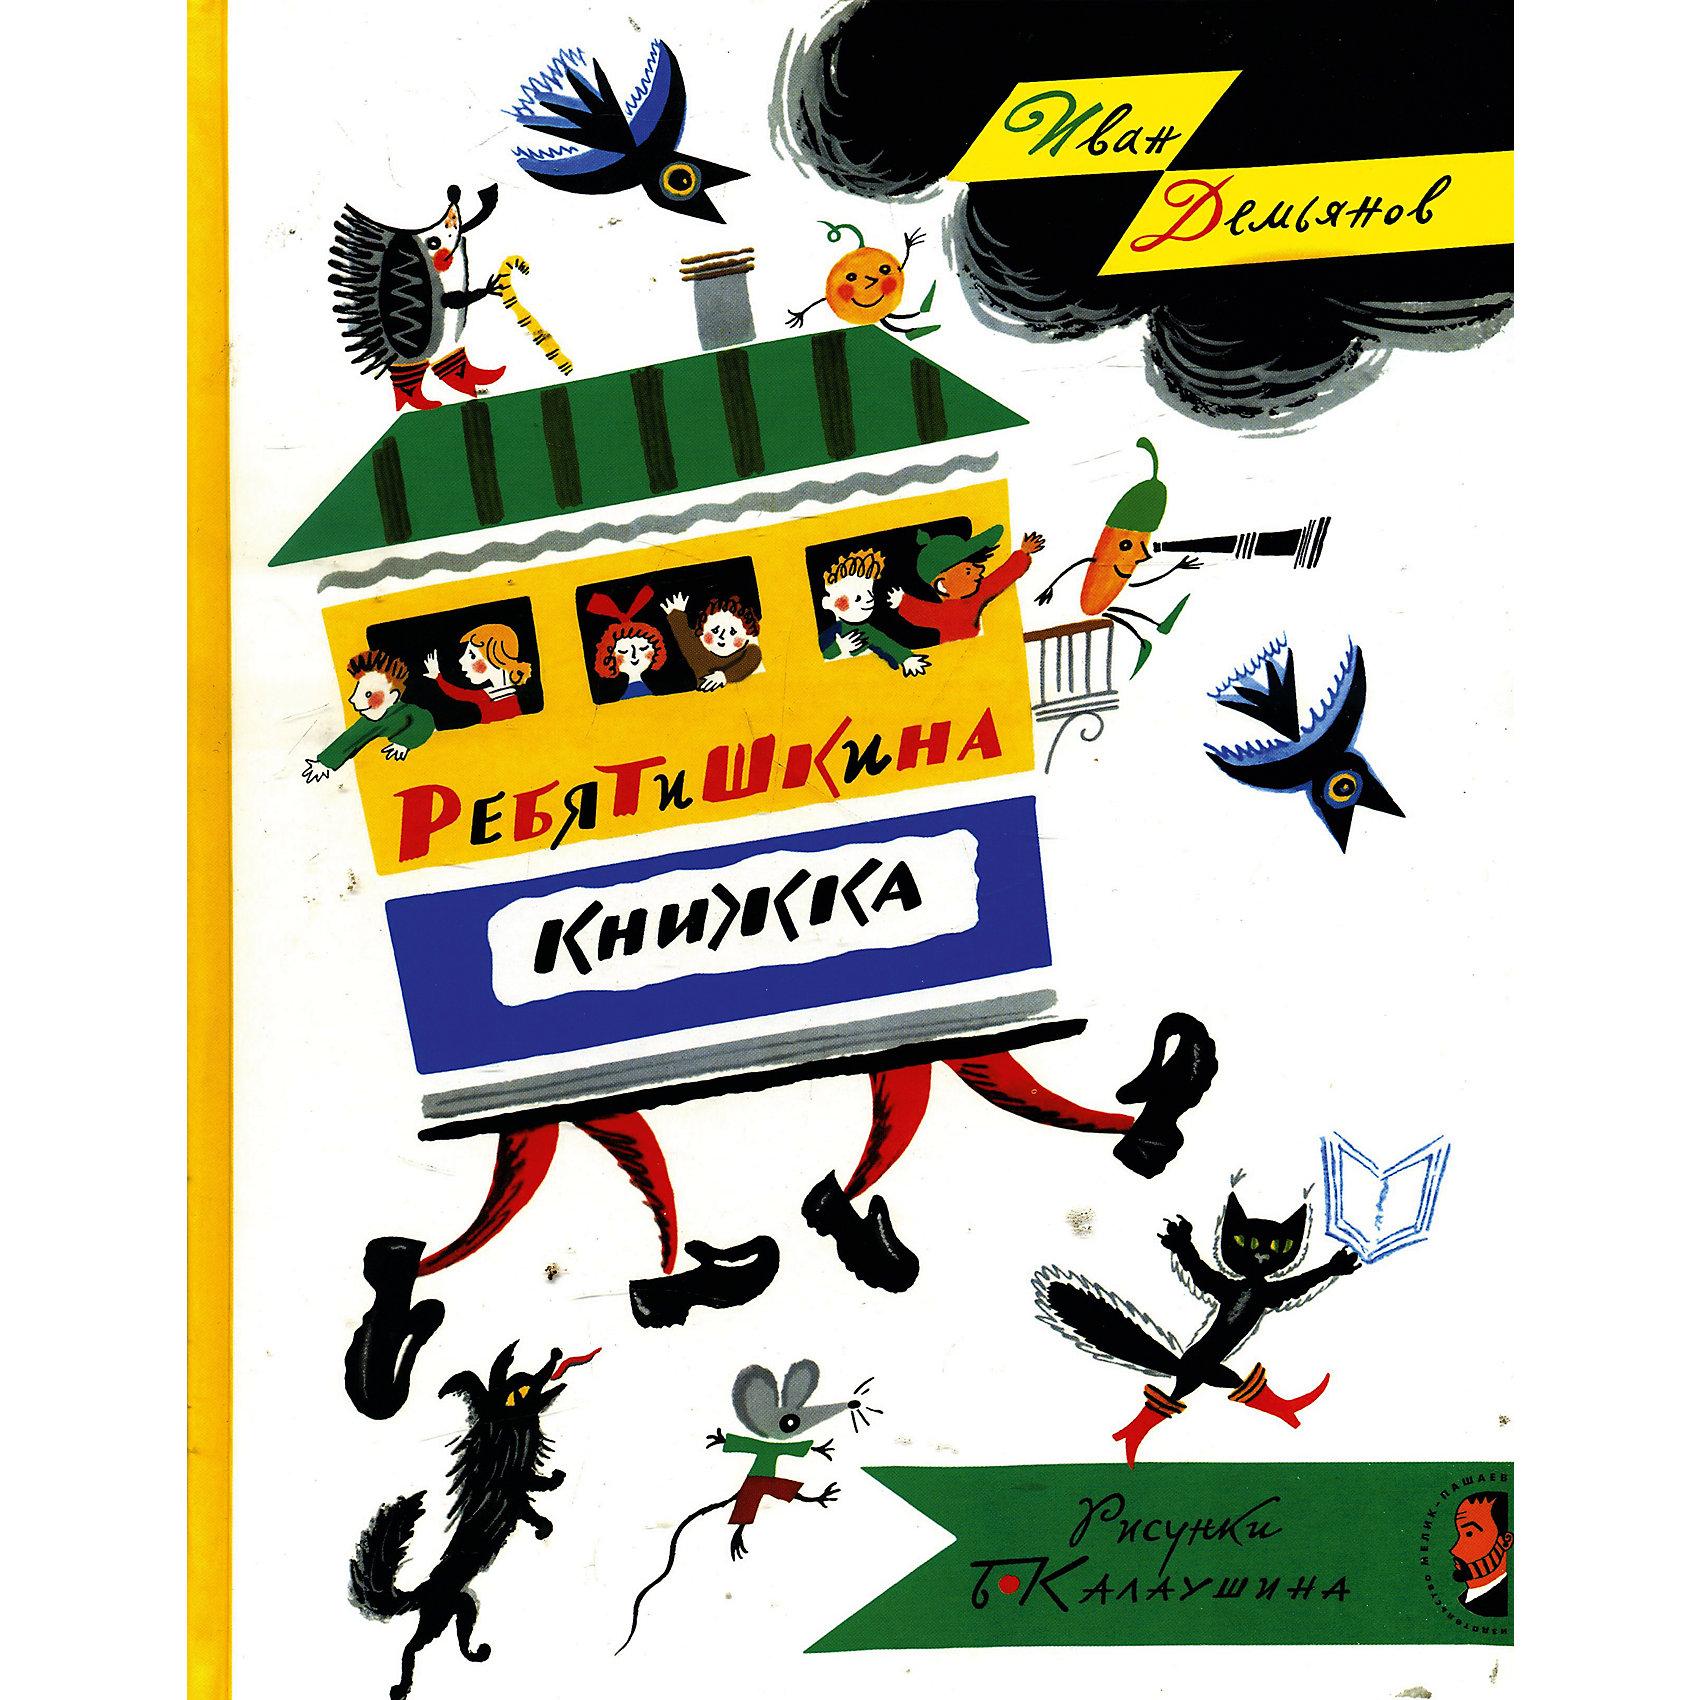 Ребятишкина книжка, И.И. Демьянов